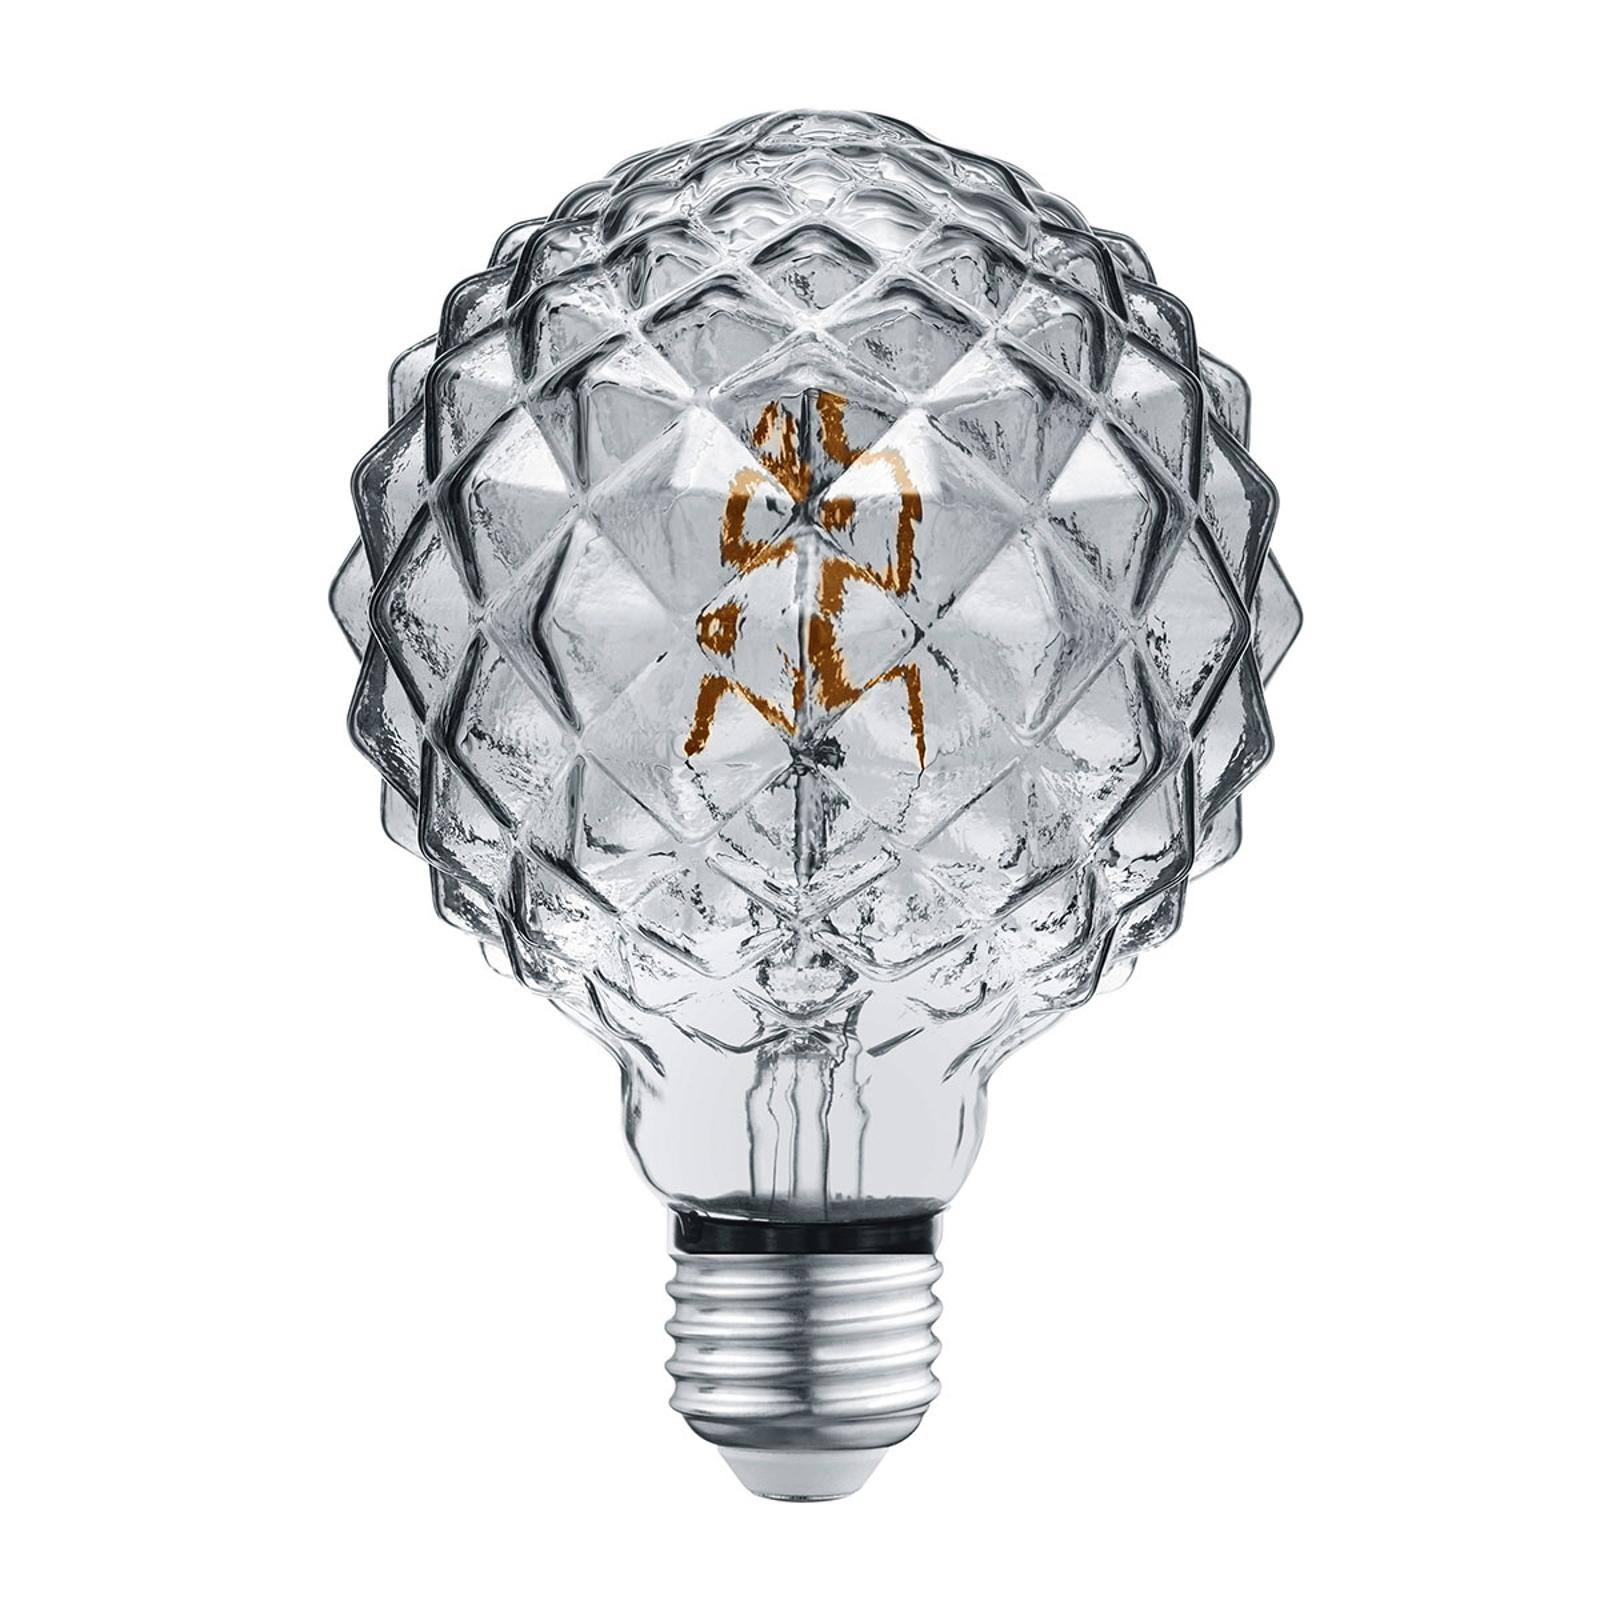 LED-Globelampe E27 4W 3.000K Struktur rauch